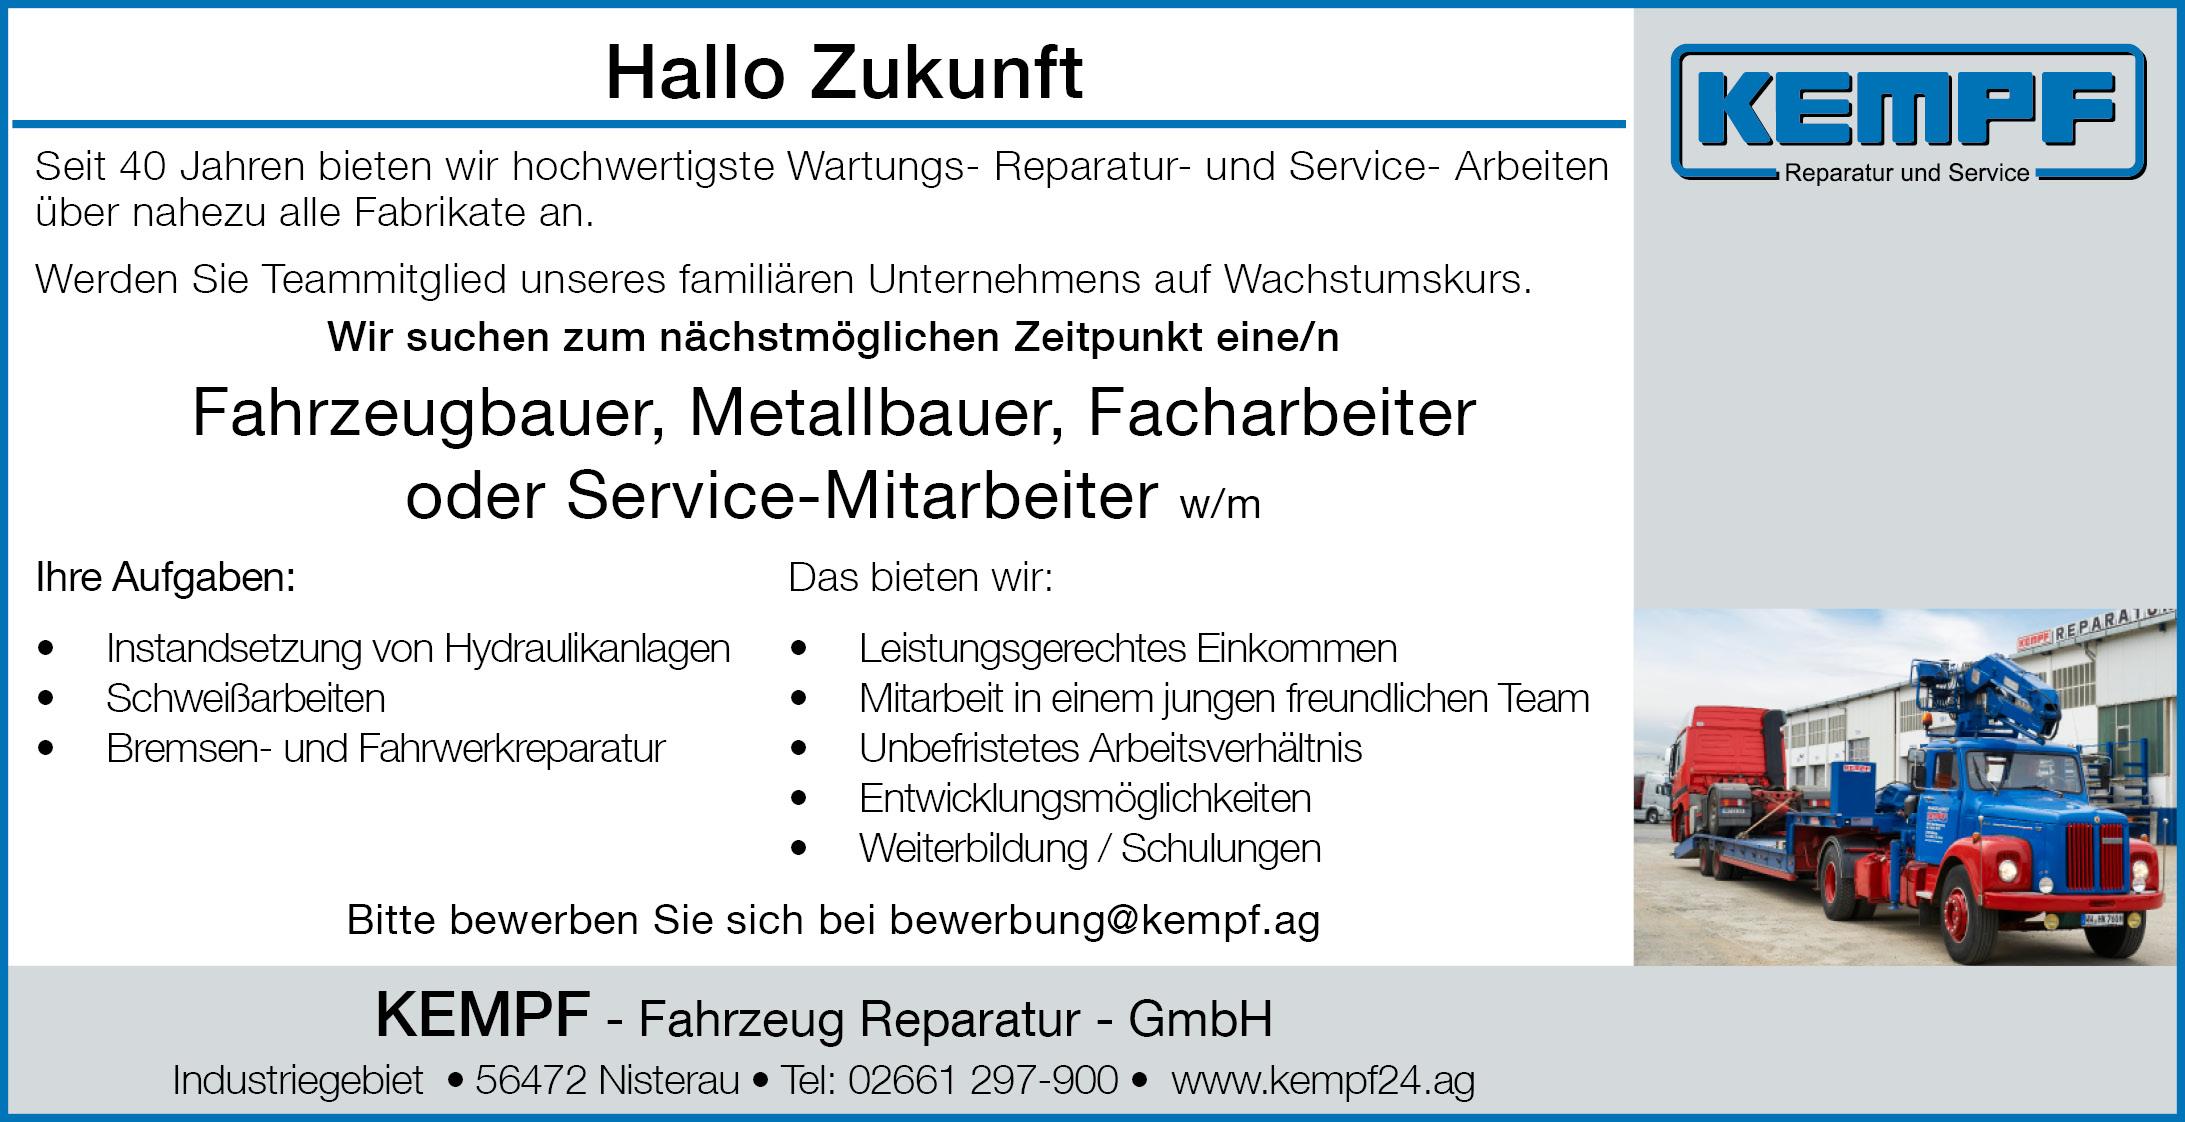 Reparatur Service Mitarbeiter 2020 10